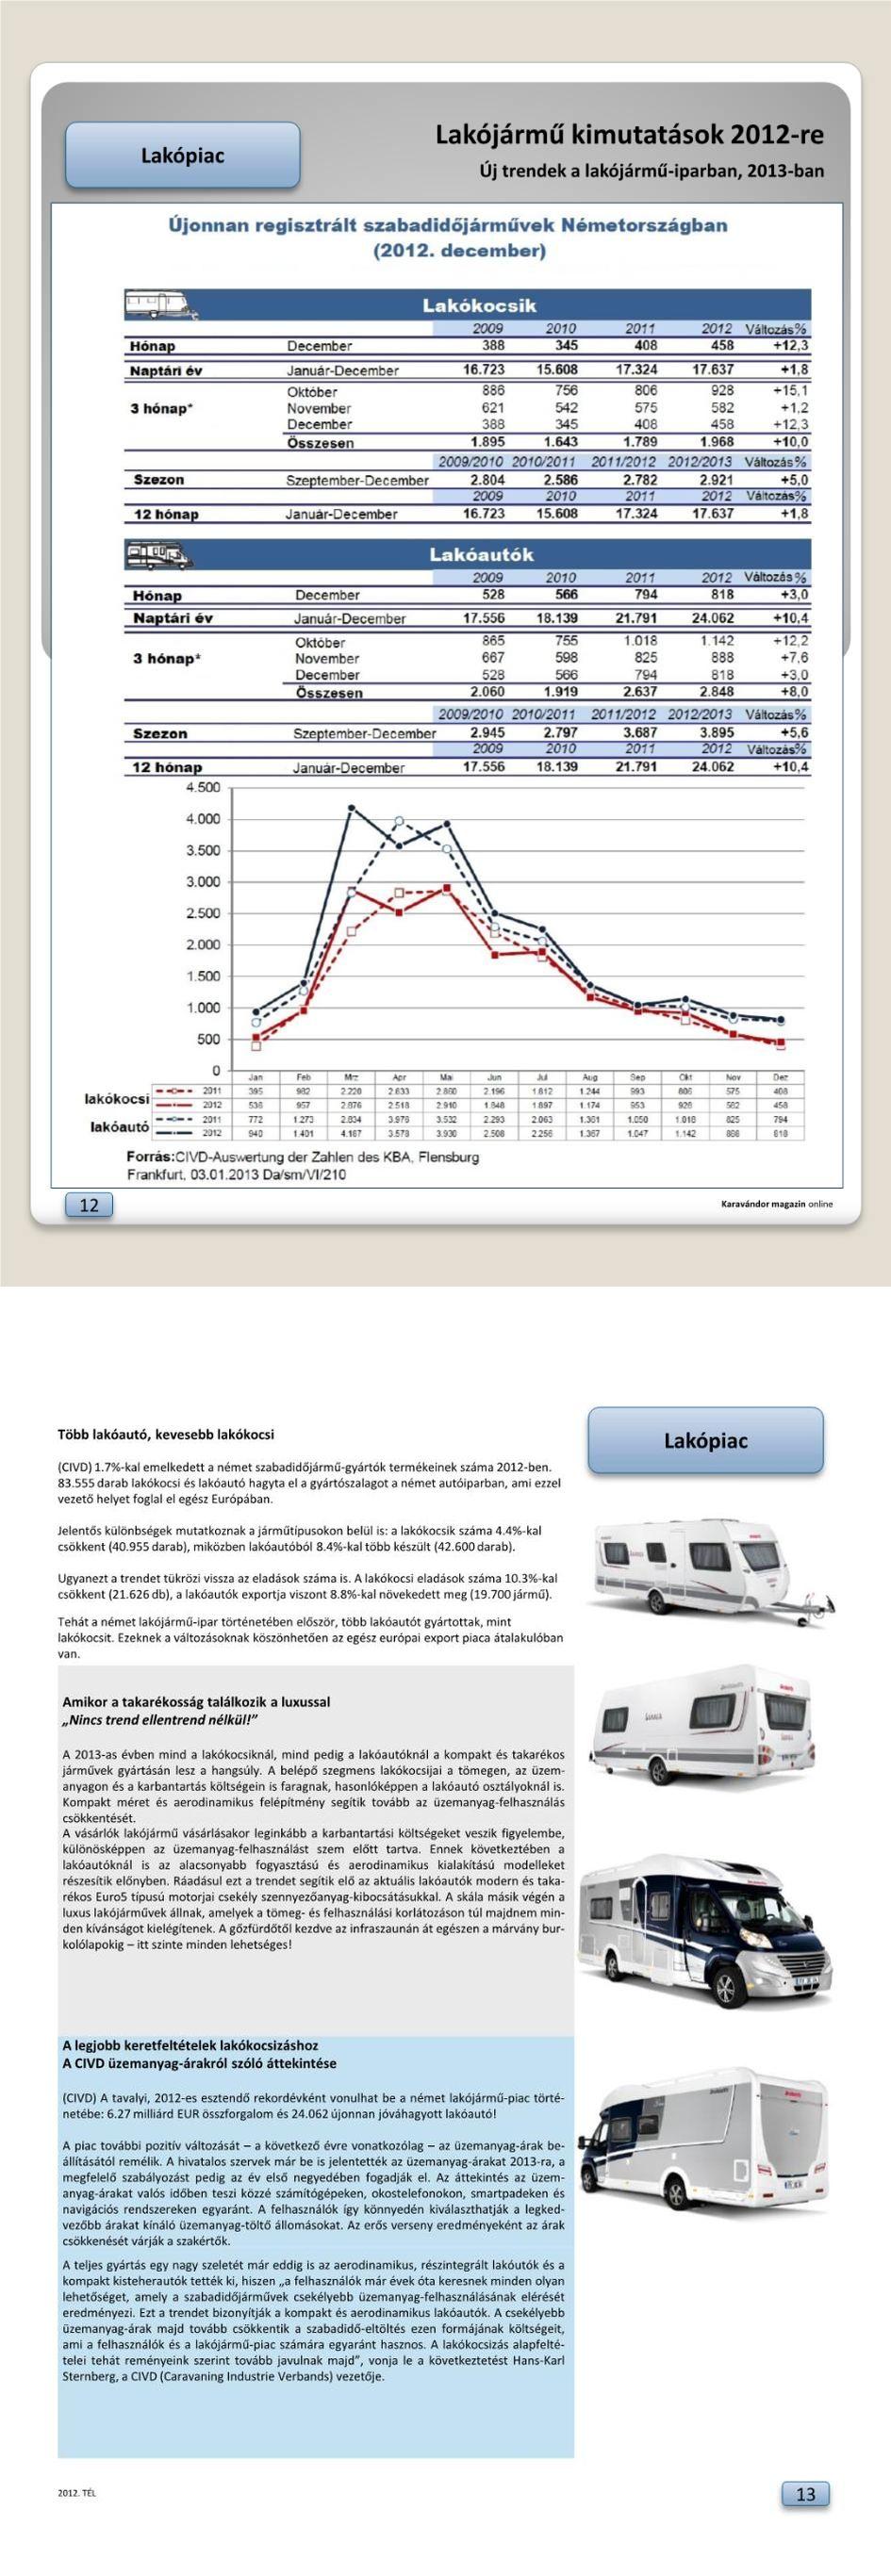 Lakópiac - Lakójármű kimutatás 2012